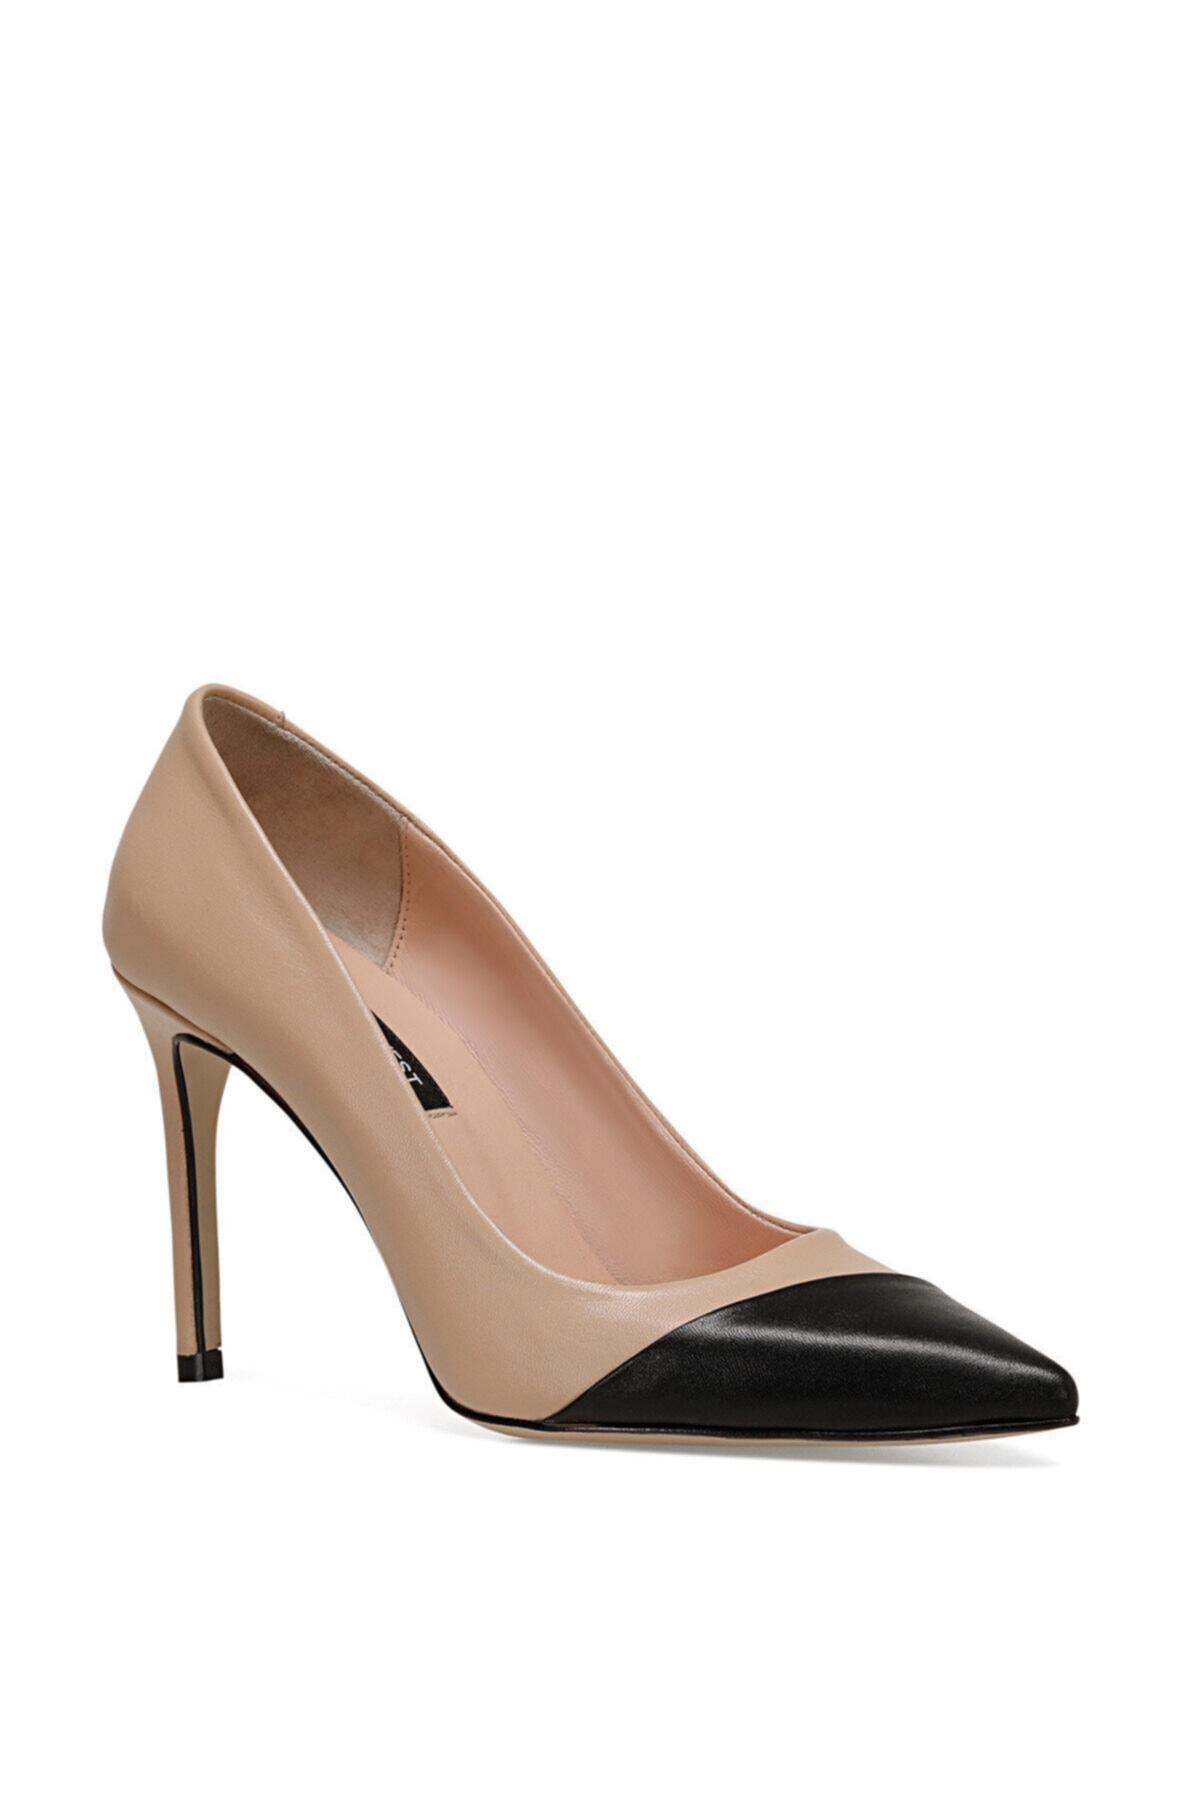 Nine West TRELO Naturel Kadın Hakiki Deri Topuklu Ayakkabı 100526680 2